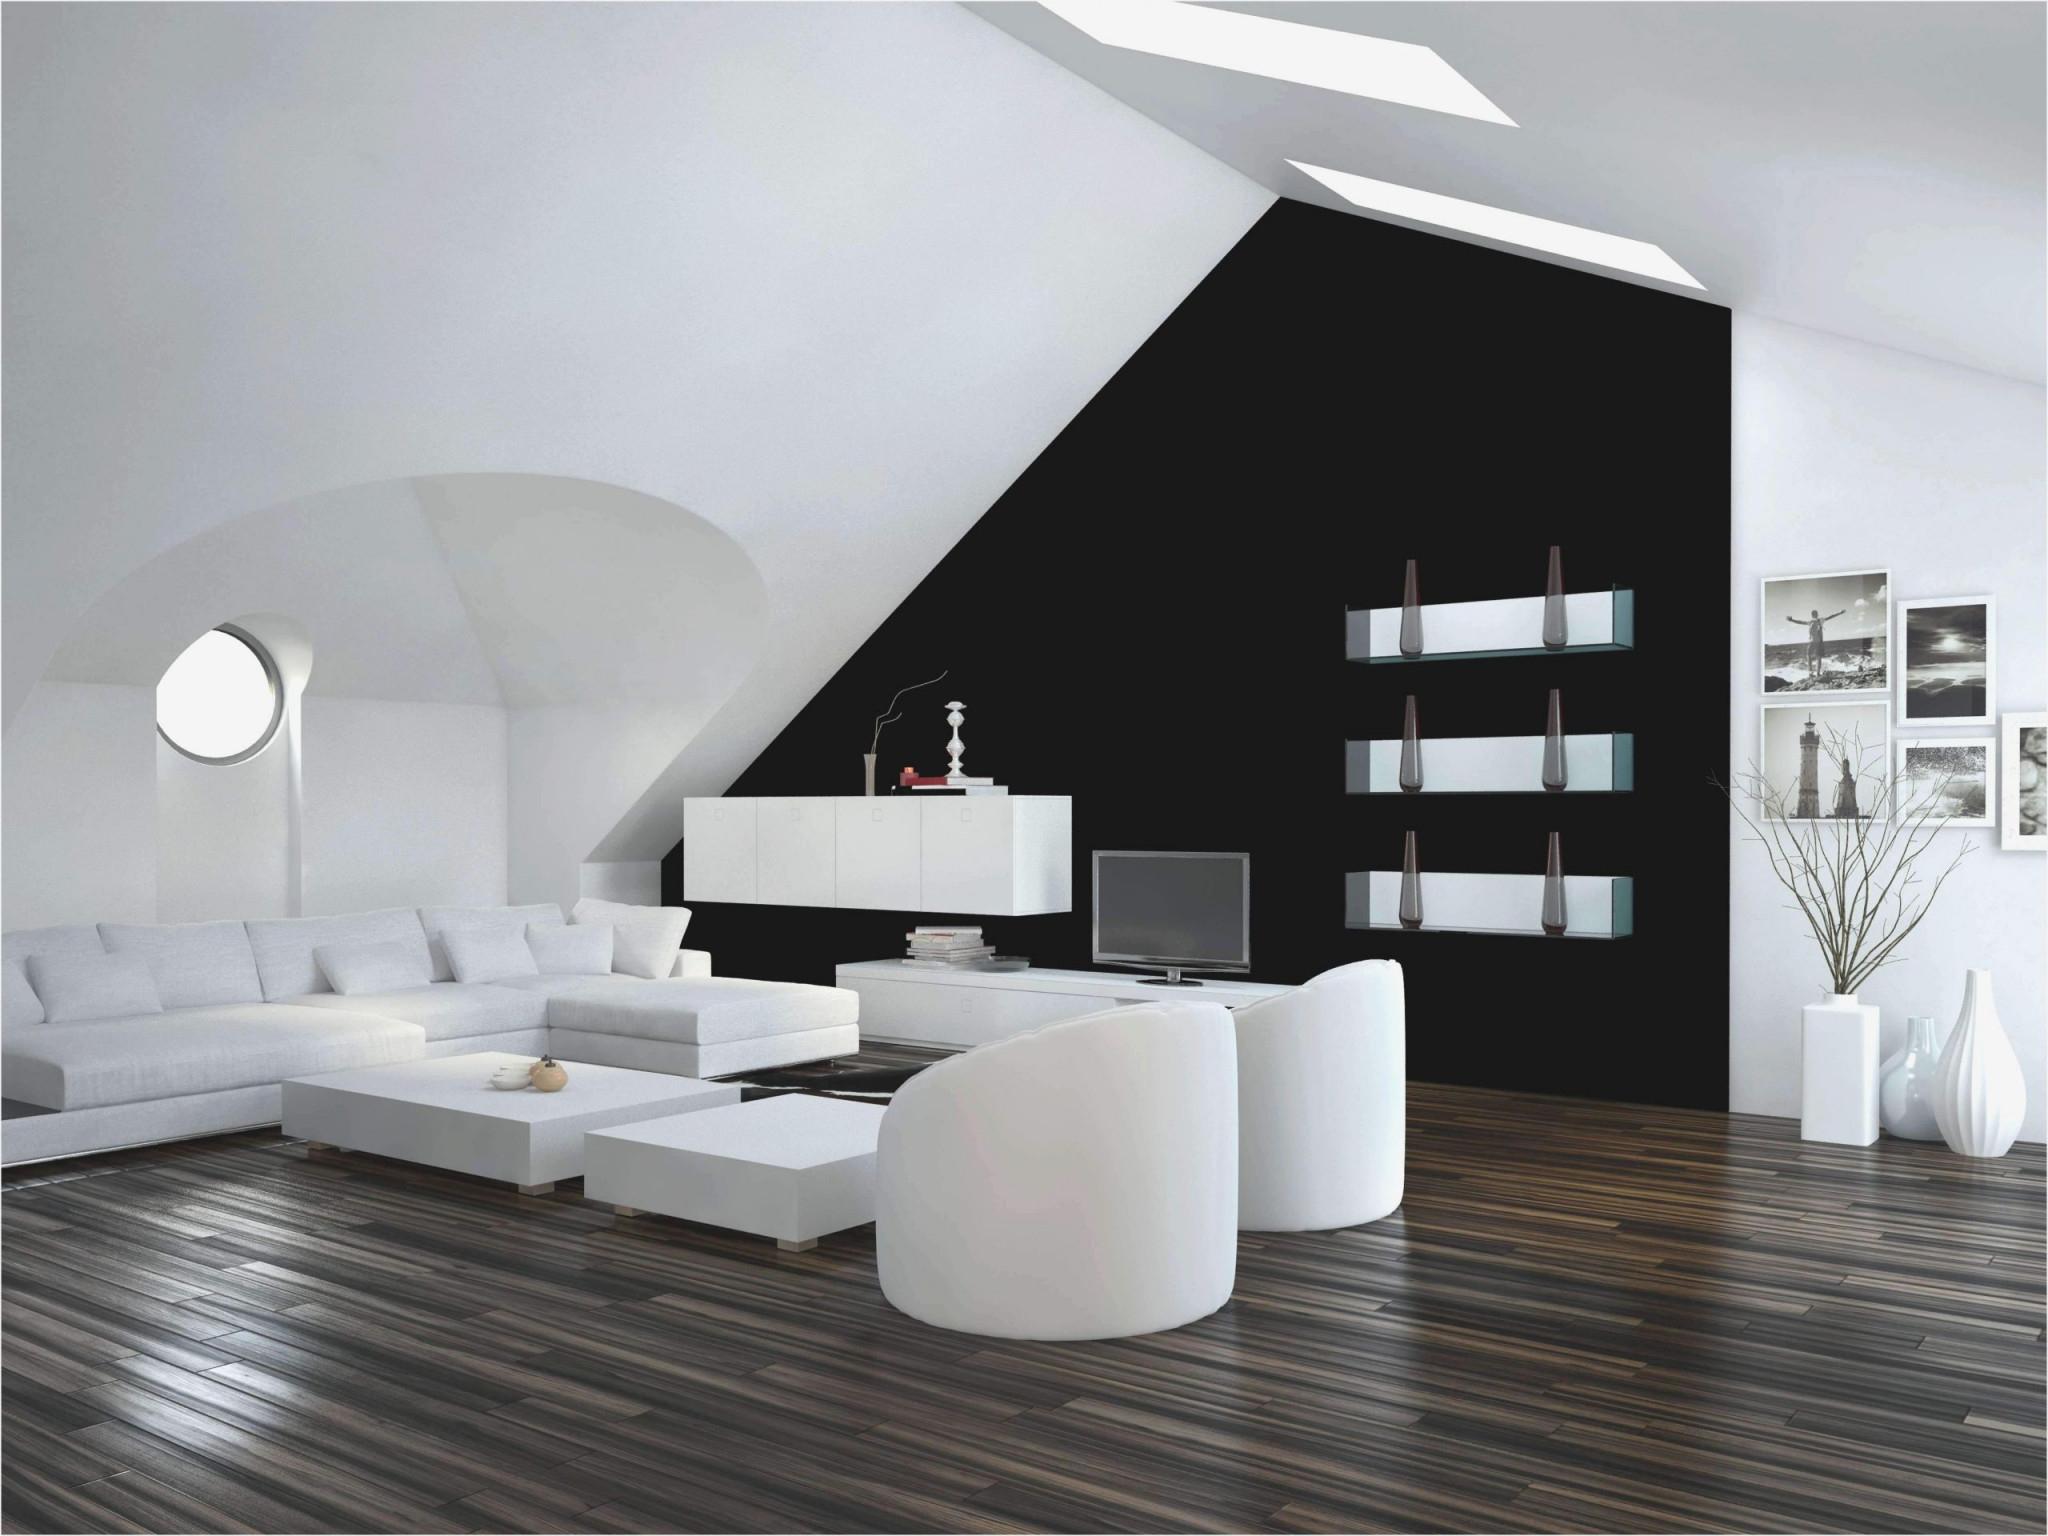 Deko Accessoires Wohnzimmer  Wohnzimmer  Traumhaus von Deko Accessoires Wohnzimmer Bild